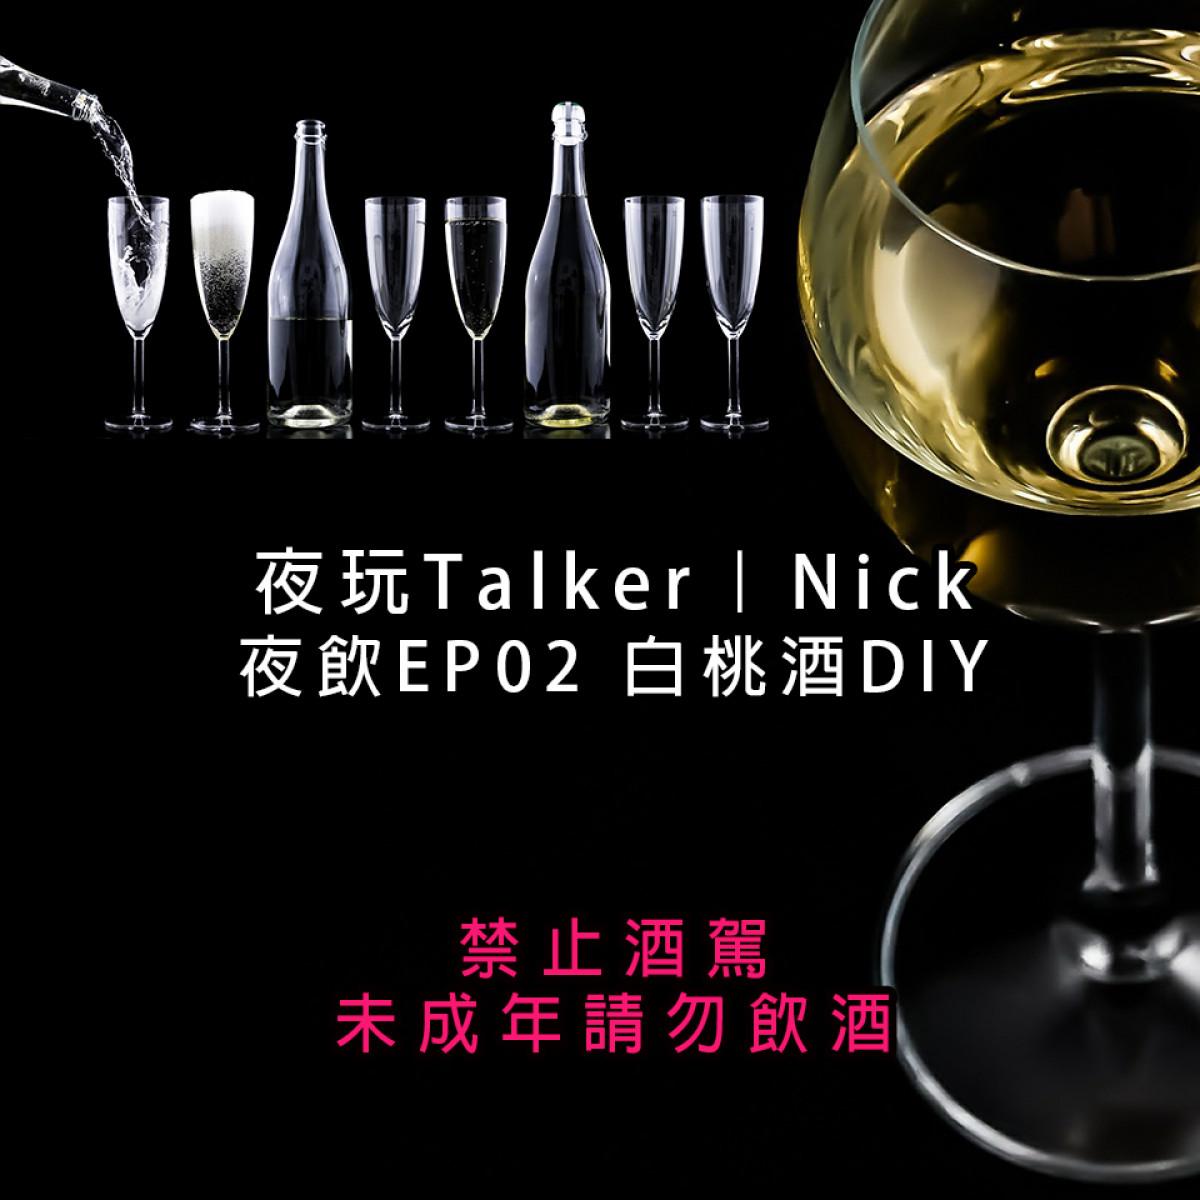 夜飲第一季EP02|白桃酒DIY